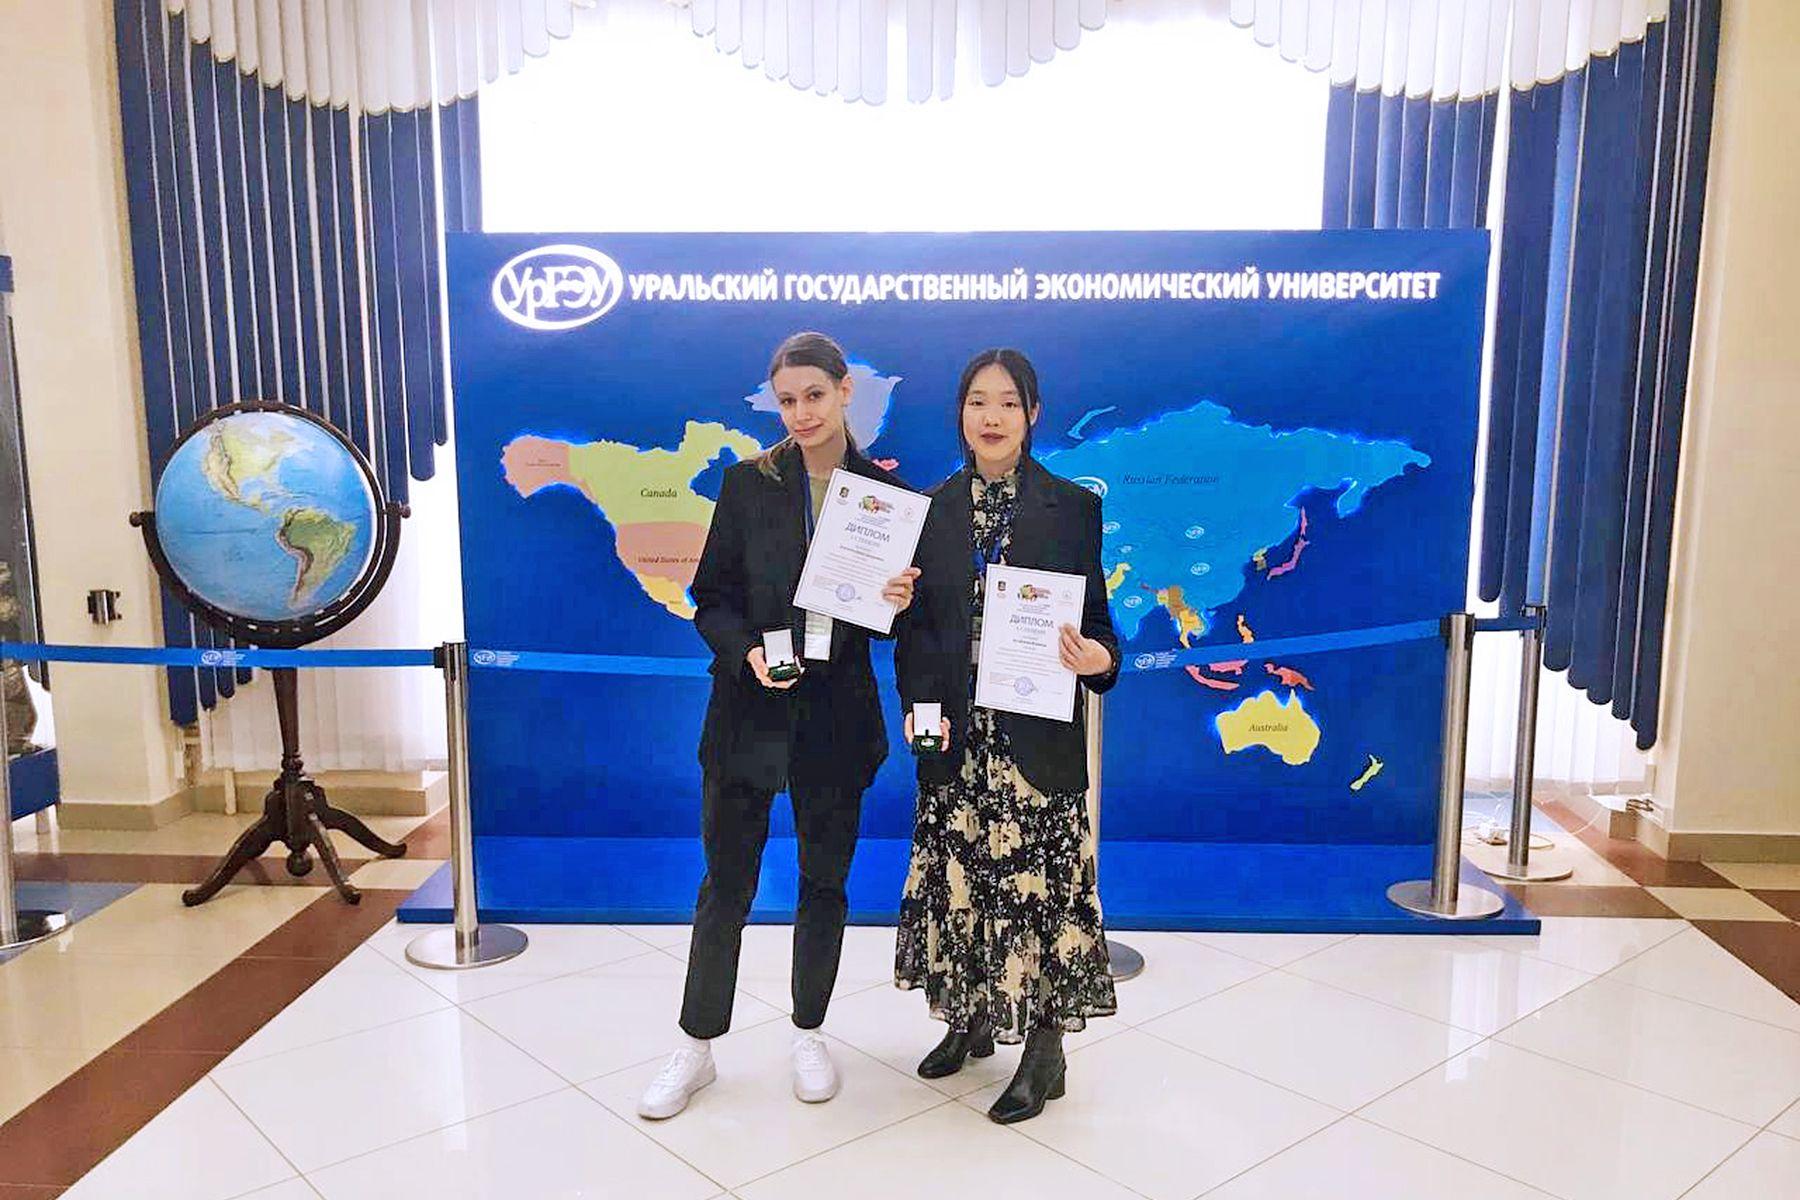 Студентки ВГУЭС Дарья Акуленко и Анна Когай – победительницы XI Евразийского экономического форума молодежи